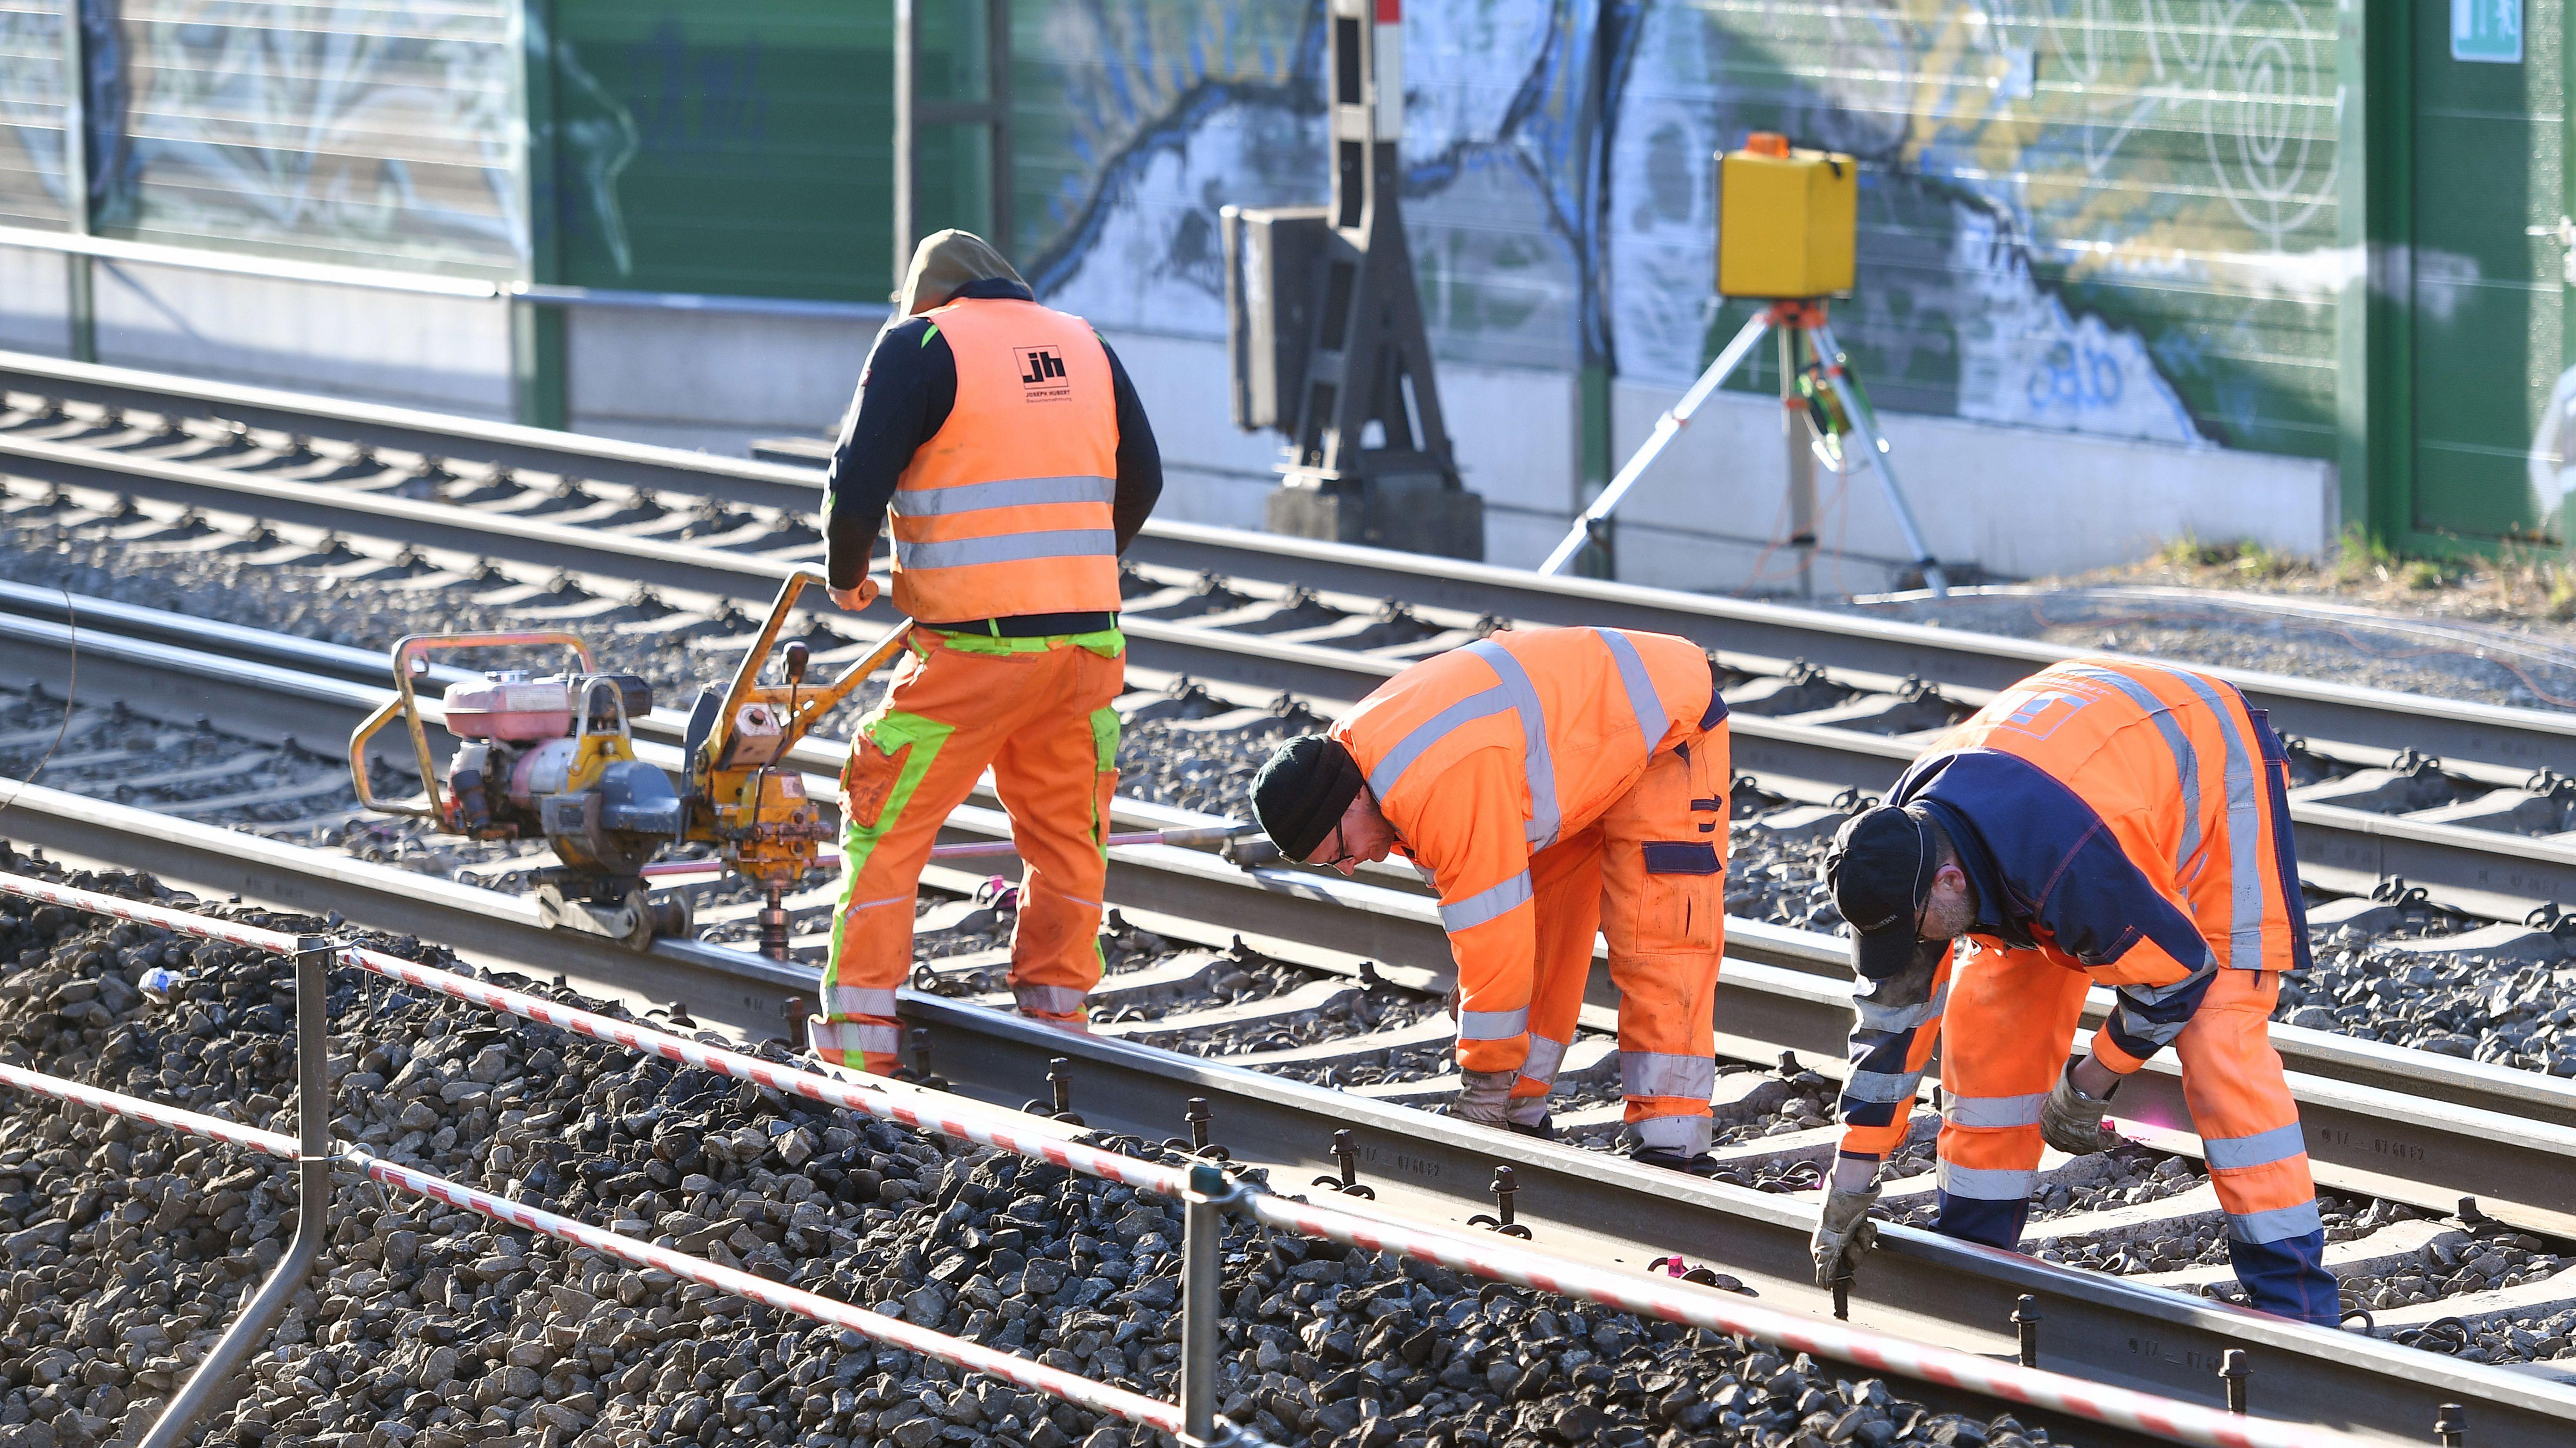 Gleisarbeiter beim Ausbauen von Bahnschienen